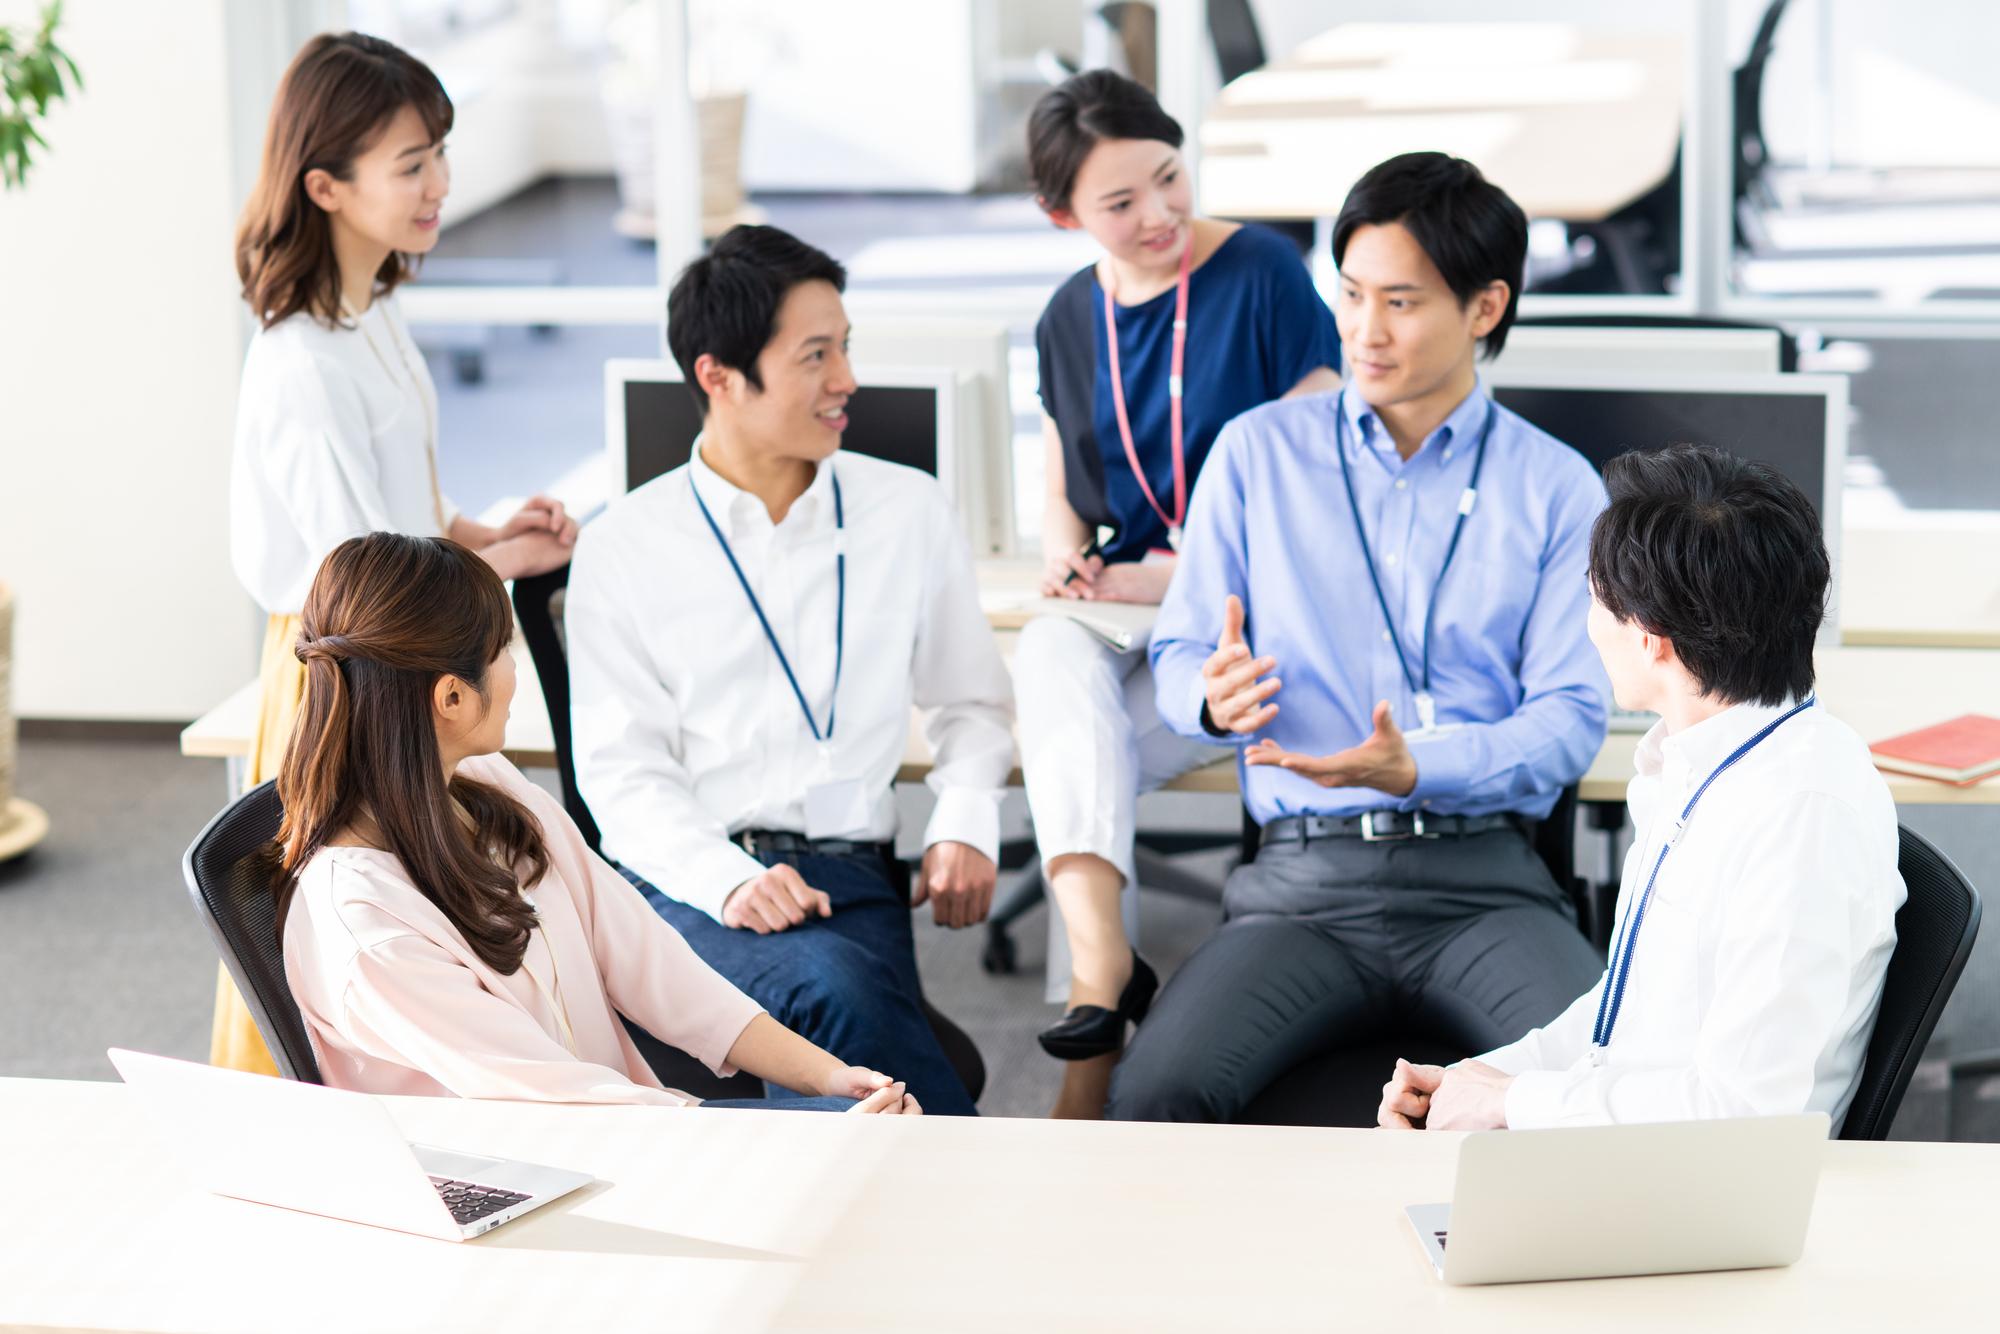 インフラエンジニアが担う仕事内容|派遣で働く利点と欠点を詳しく紹介